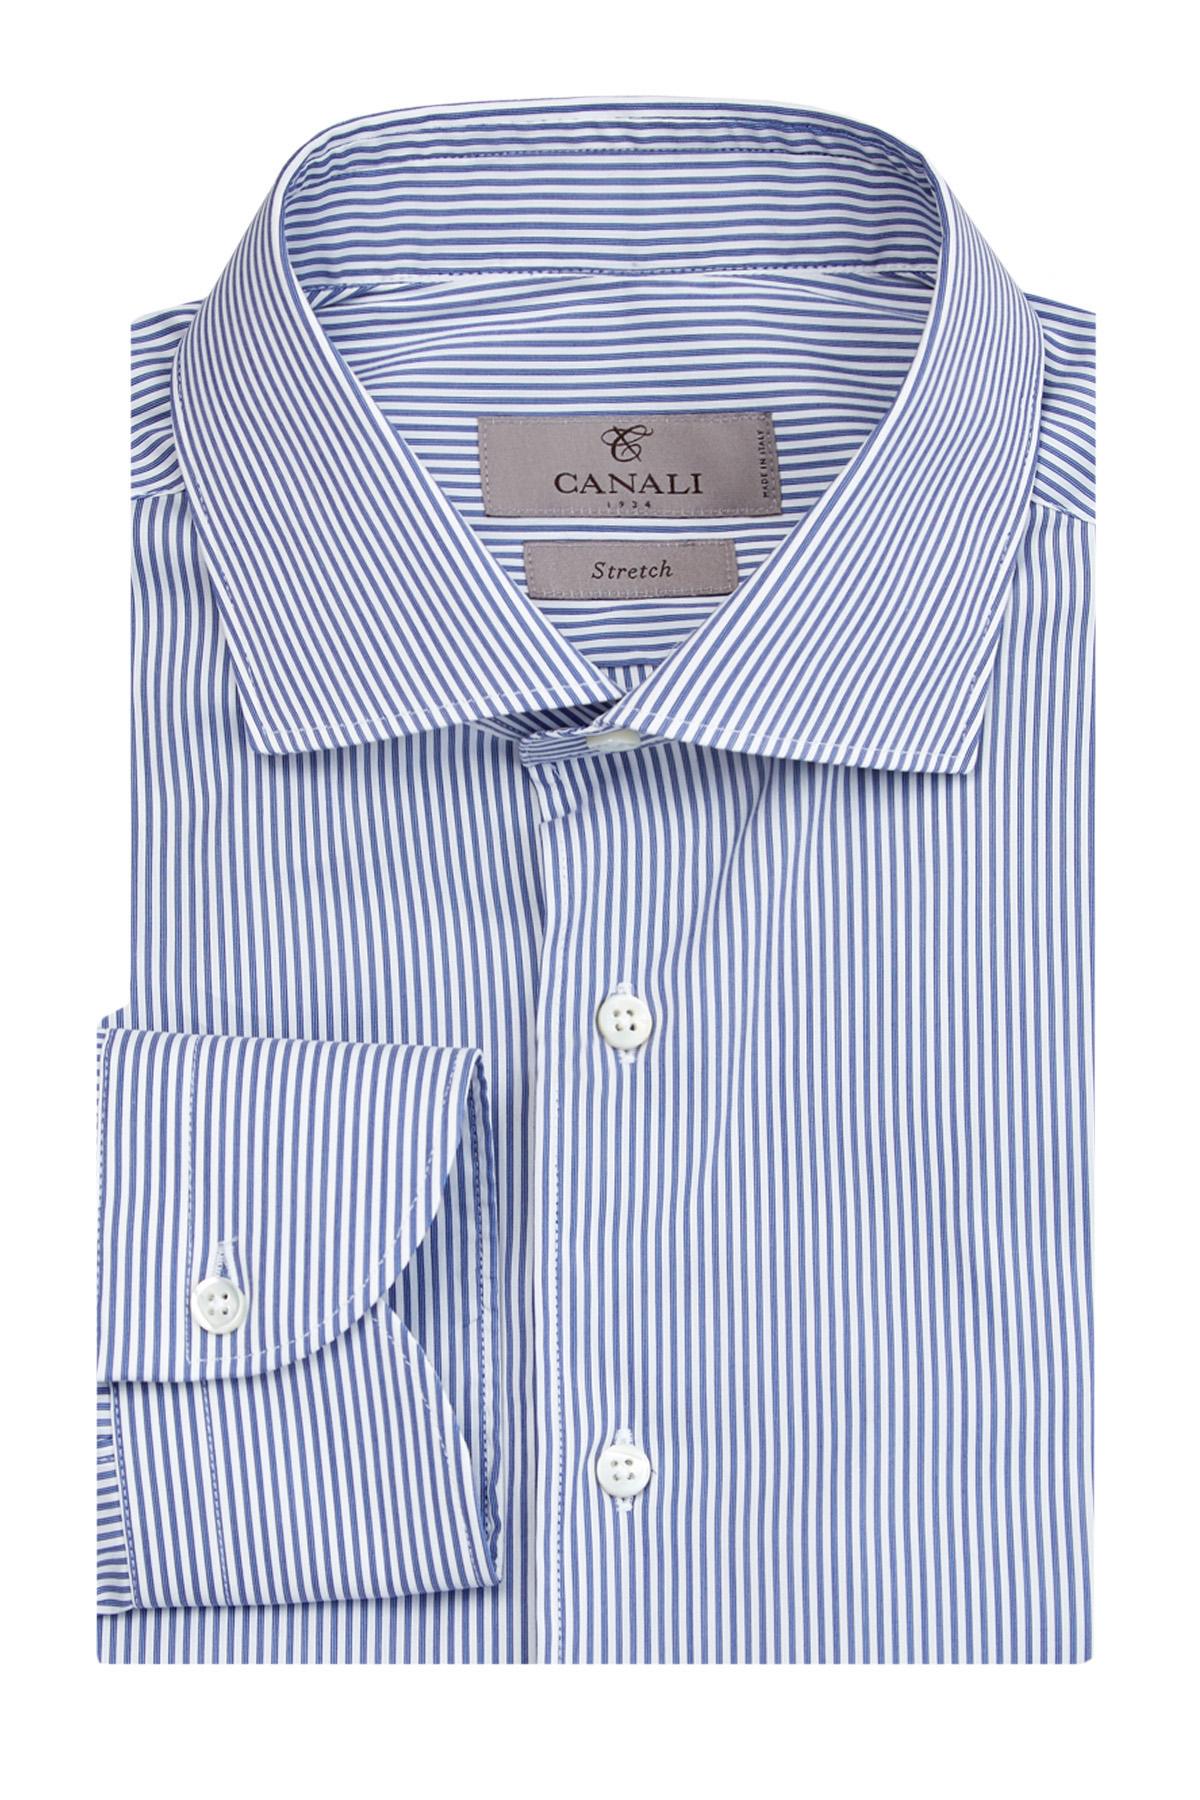 Приталенная рубашка Slim Fit из поплина Impeccabile